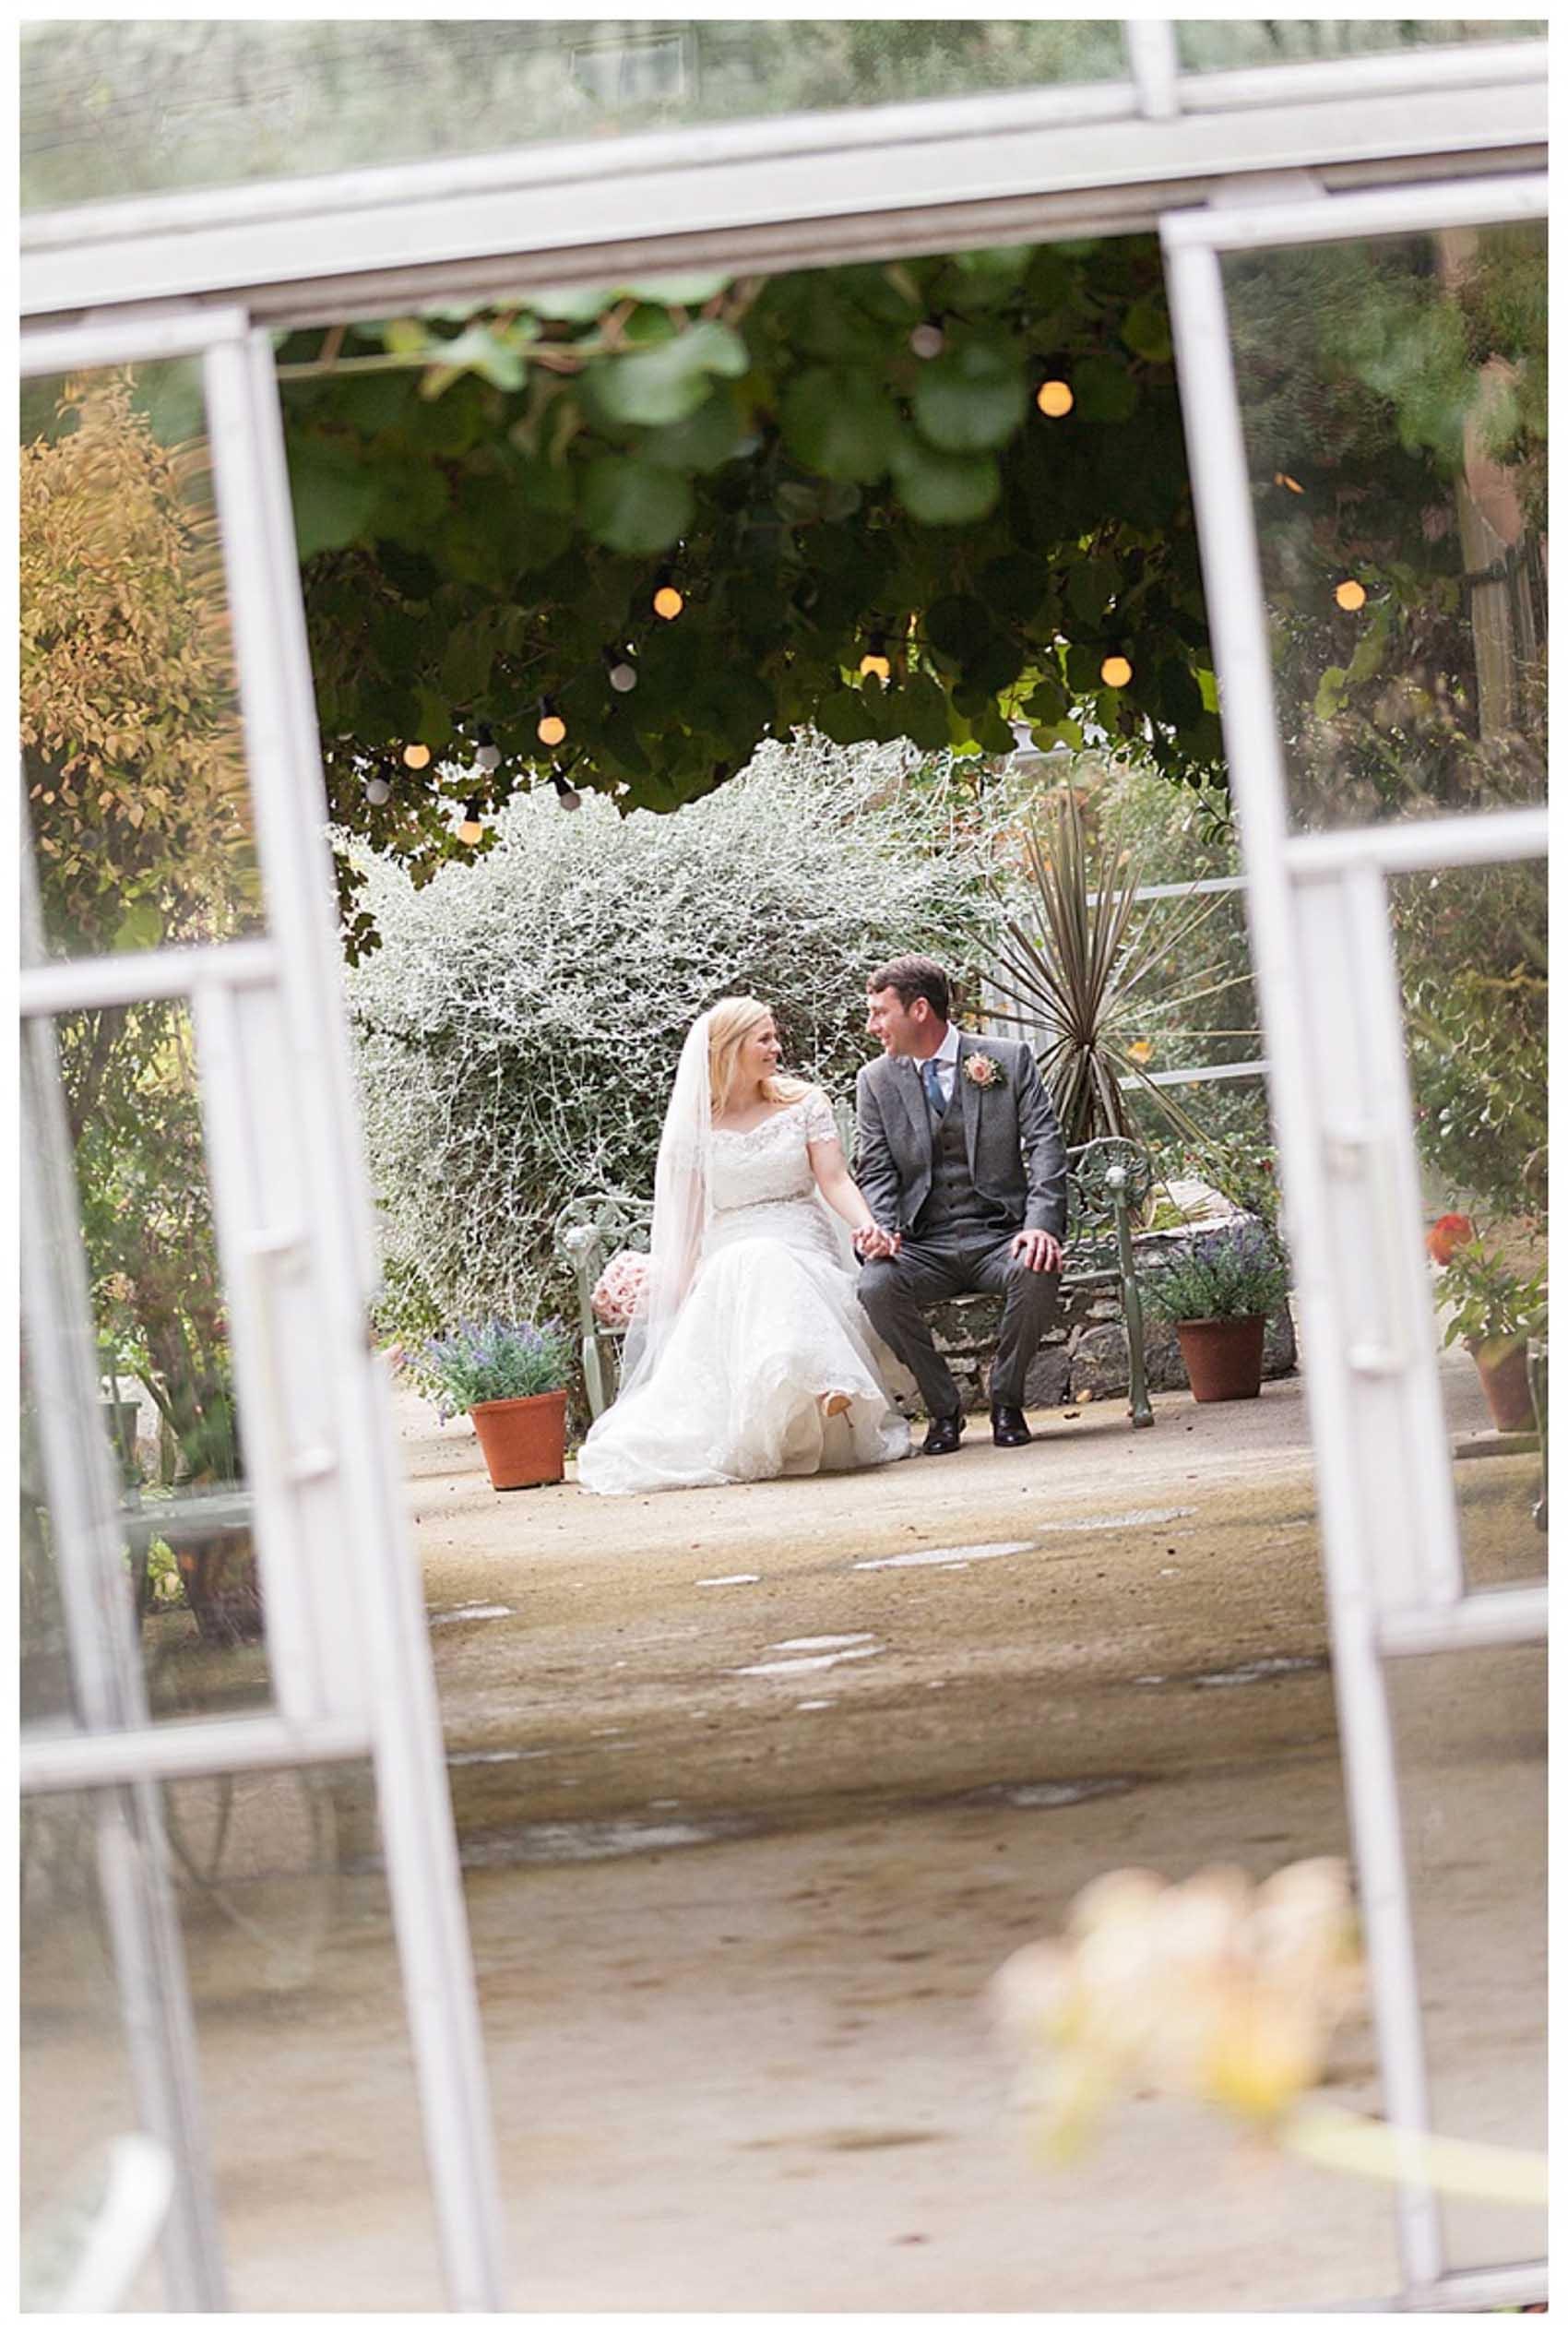 Larchfield Estate Wedding Photography by Ricky Parker Photography-56